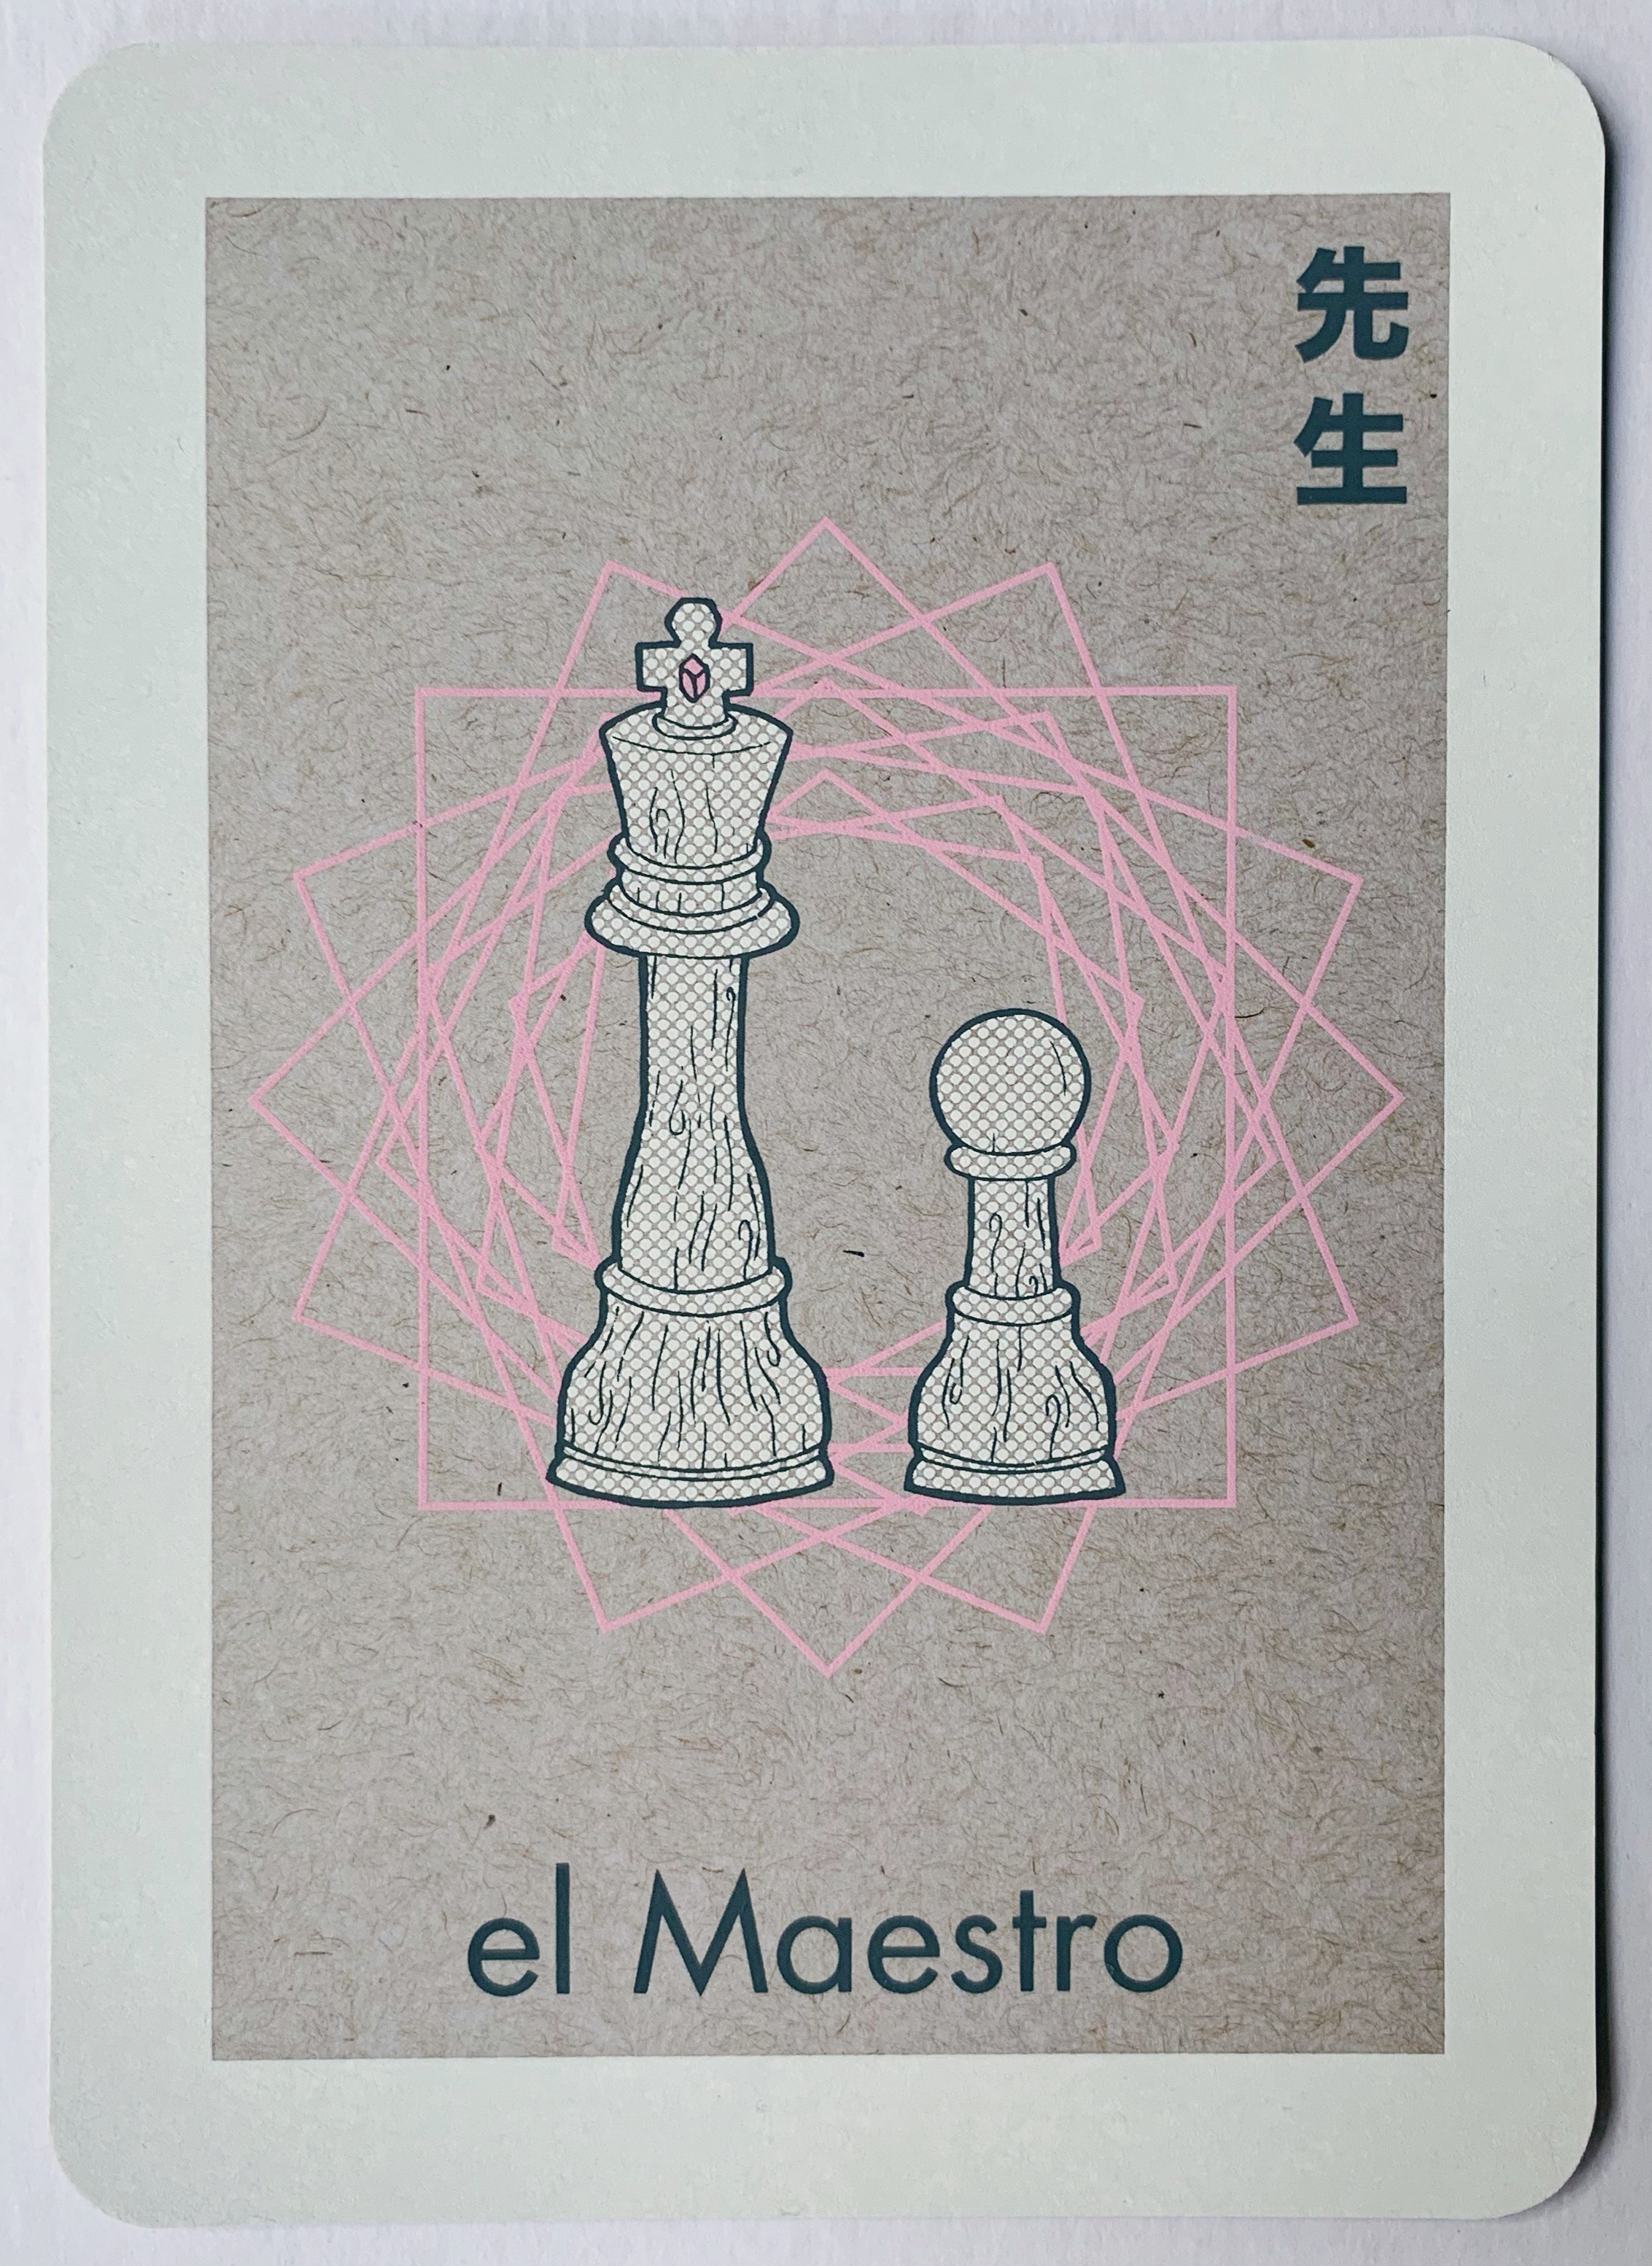 el Maestro, serigraphy, 2018